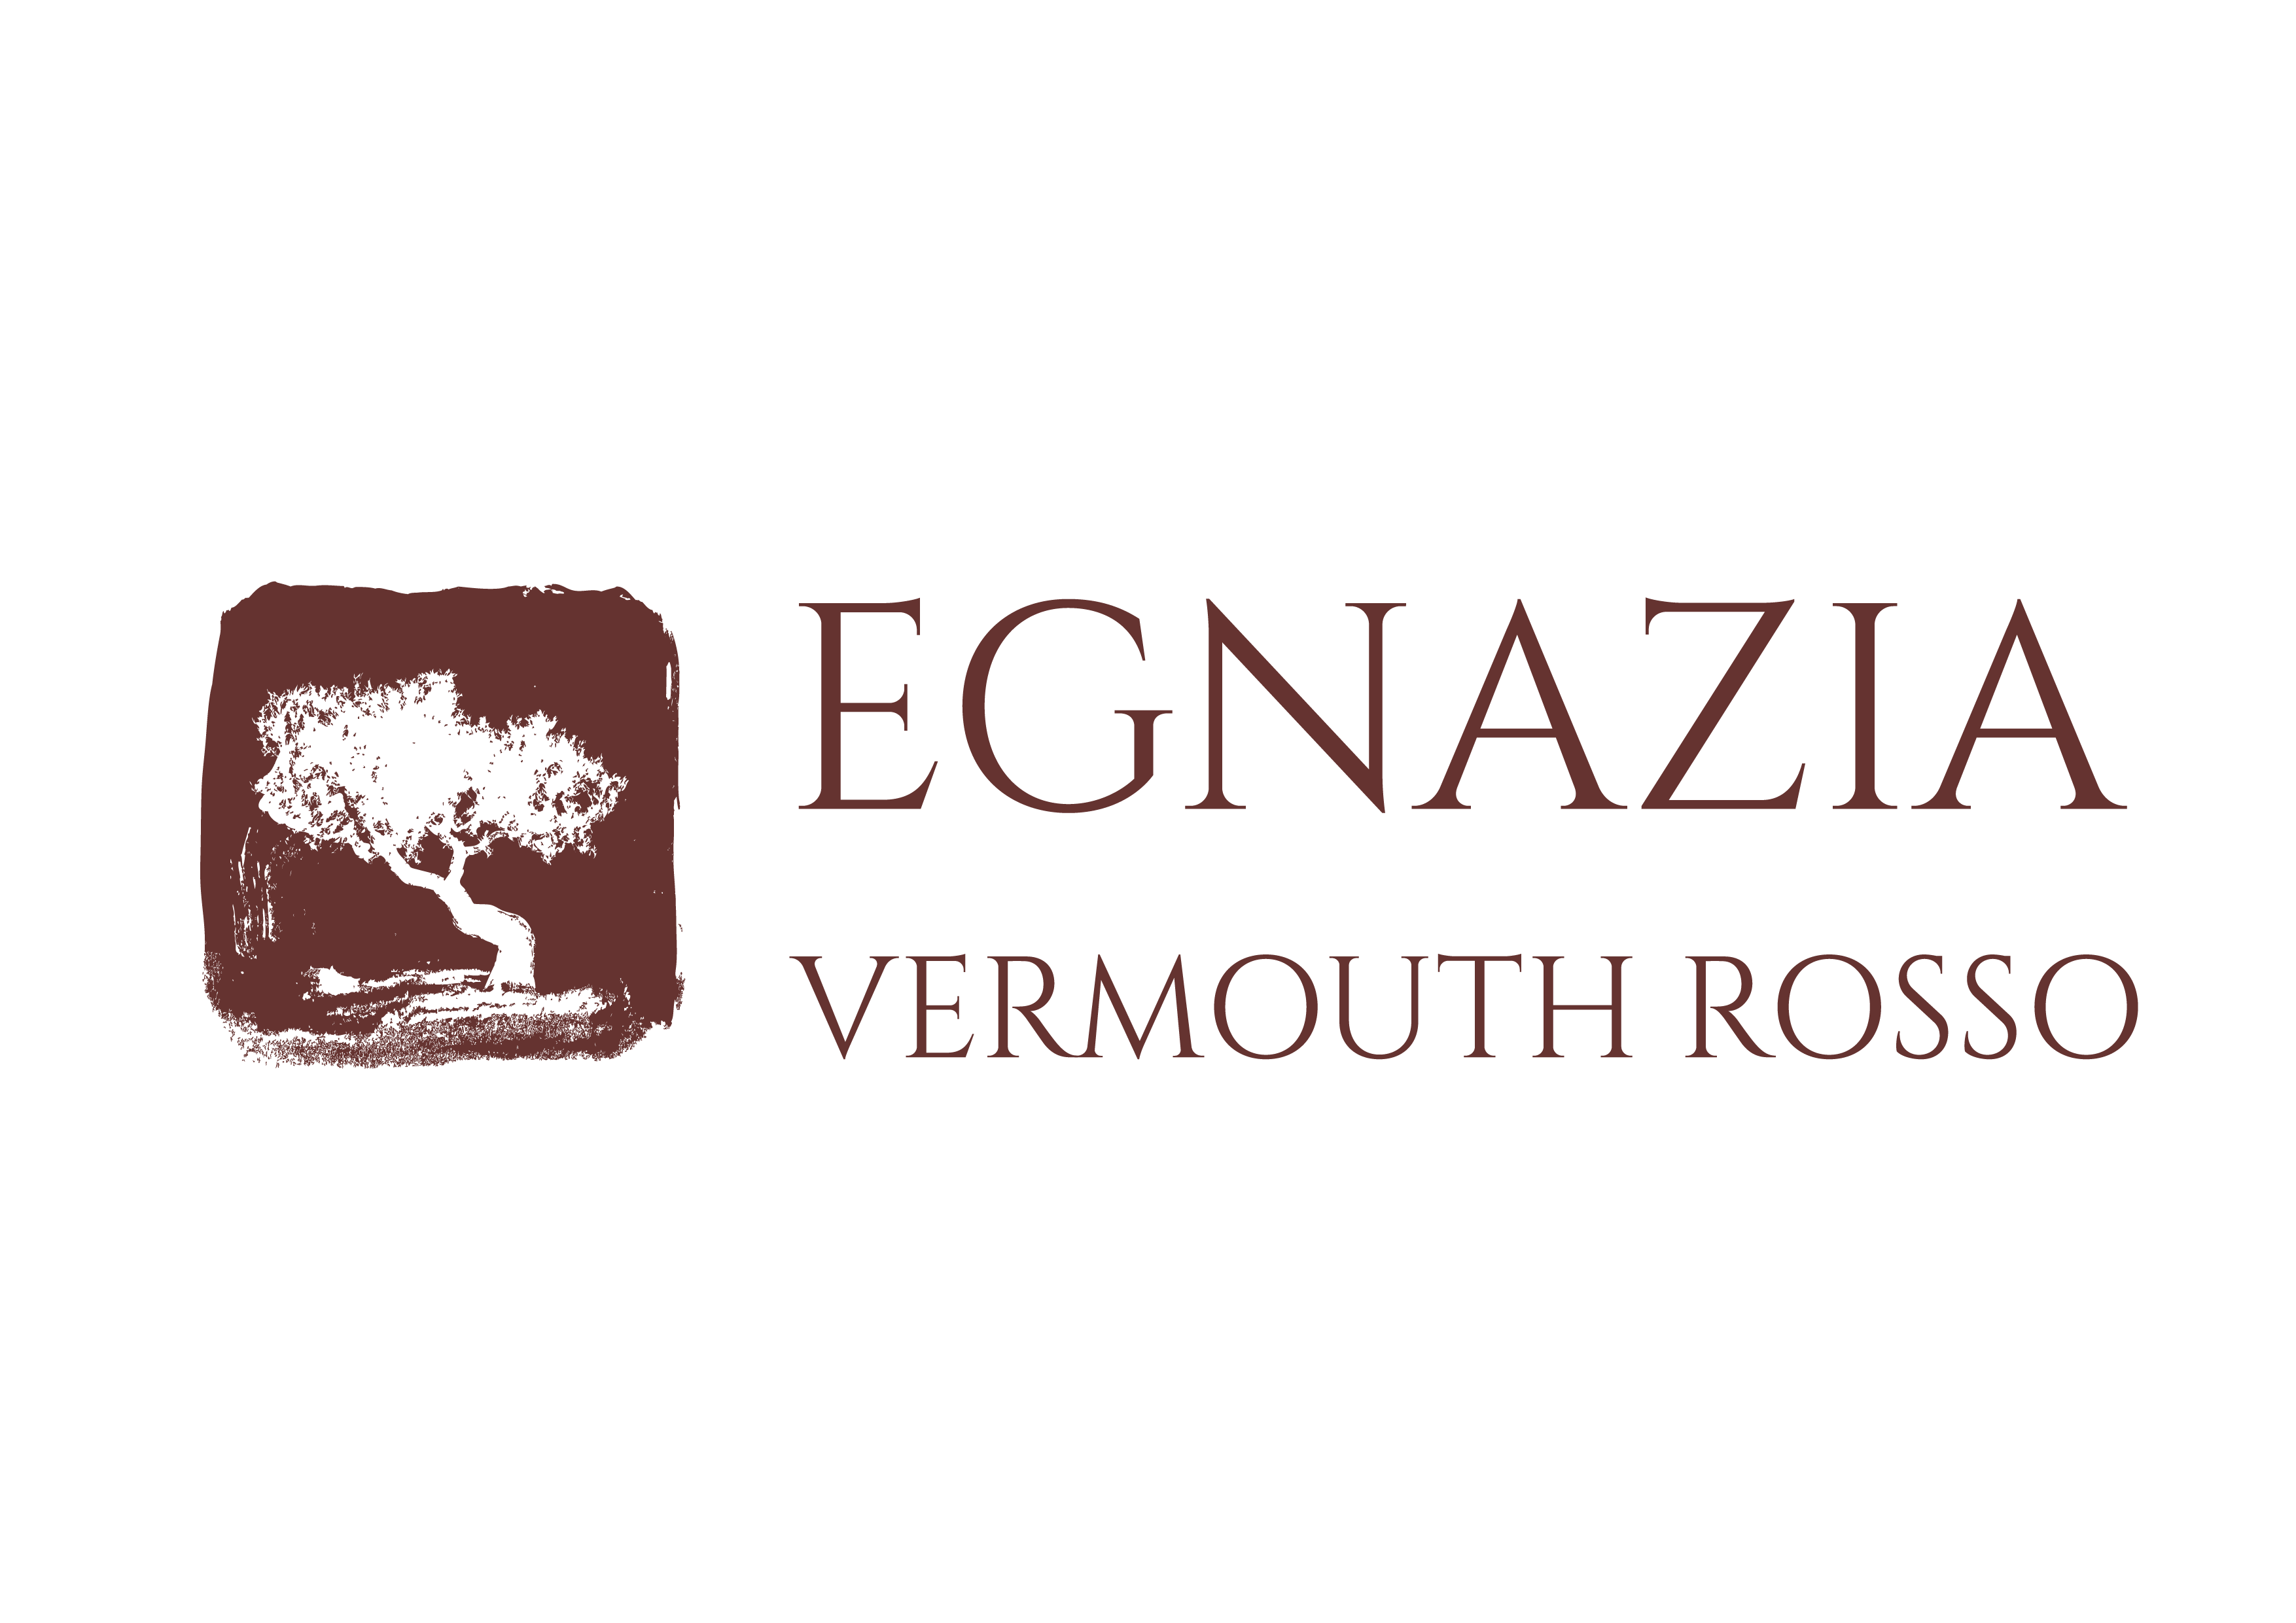 Egnaziavermouth